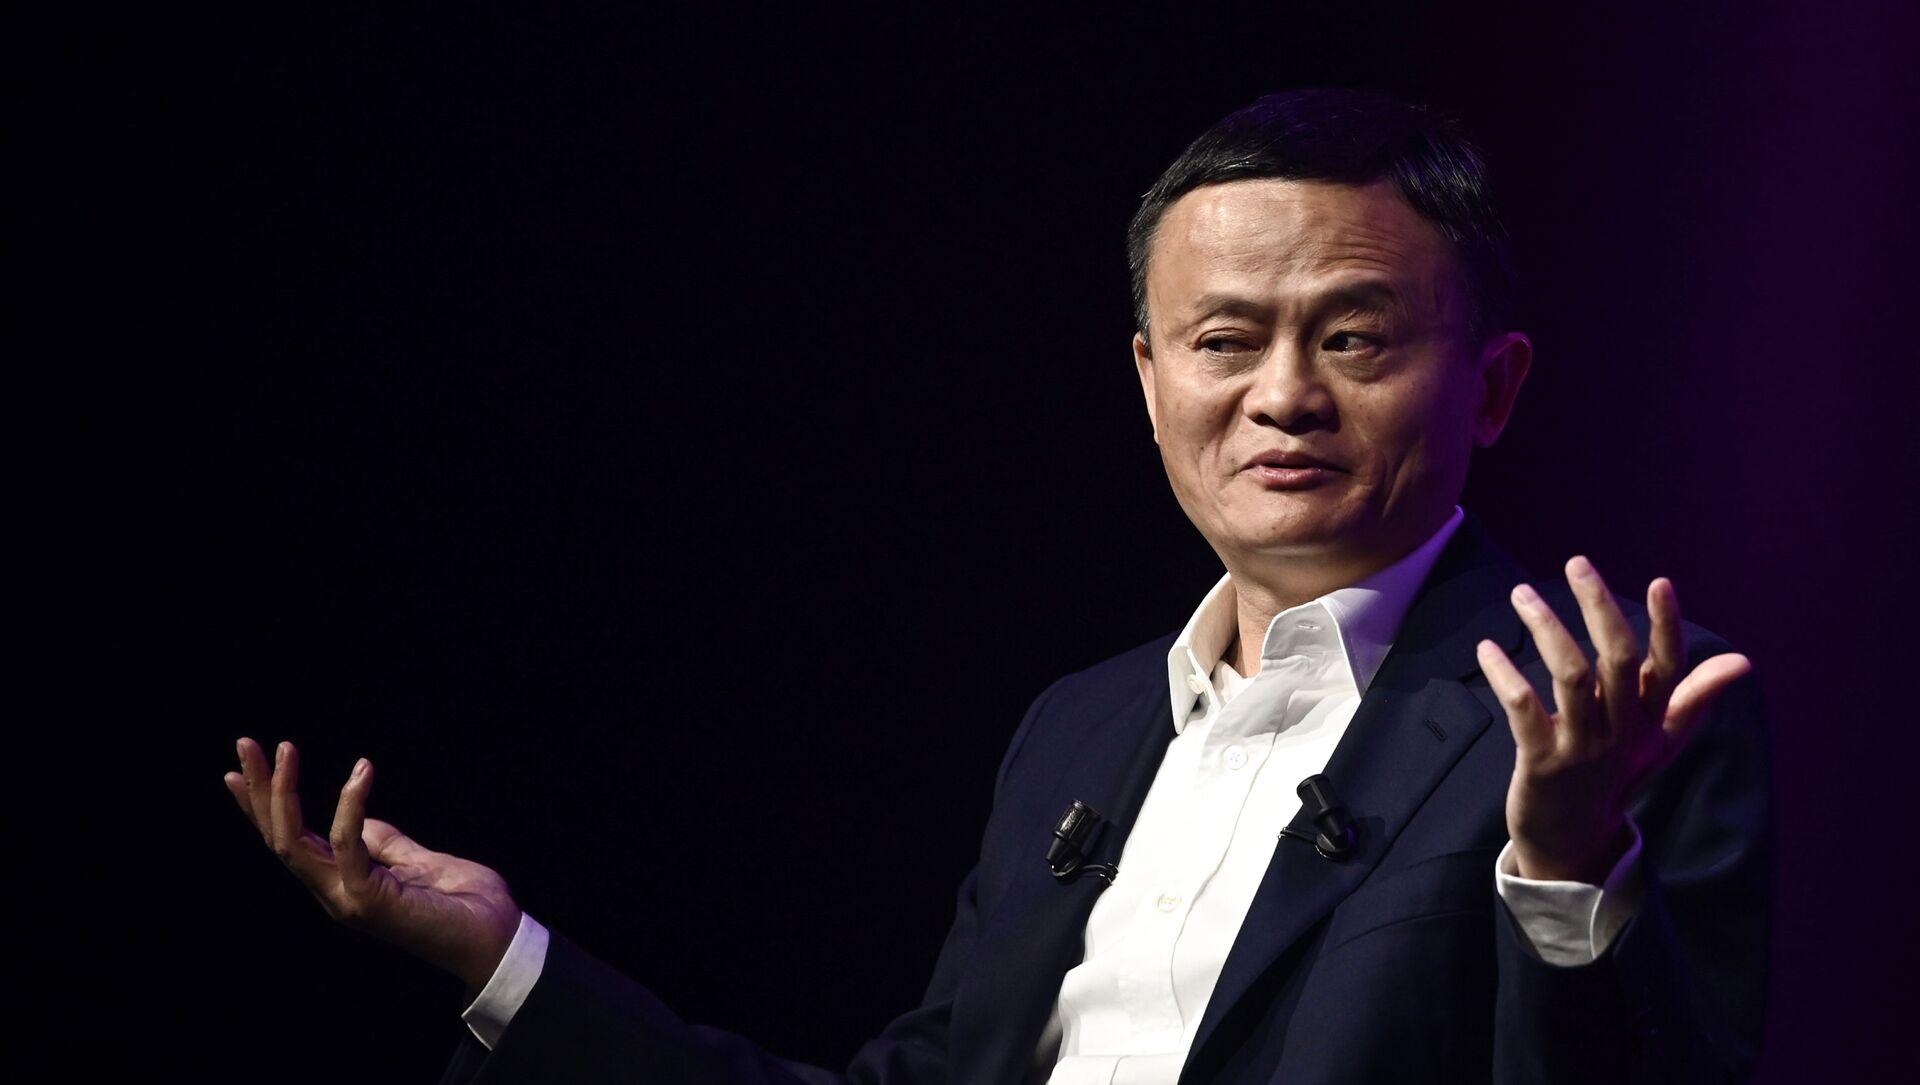 El empresario chino Jack Ma, fundador de Alibaba - Sputnik Mundo, 1920, 22.01.2021